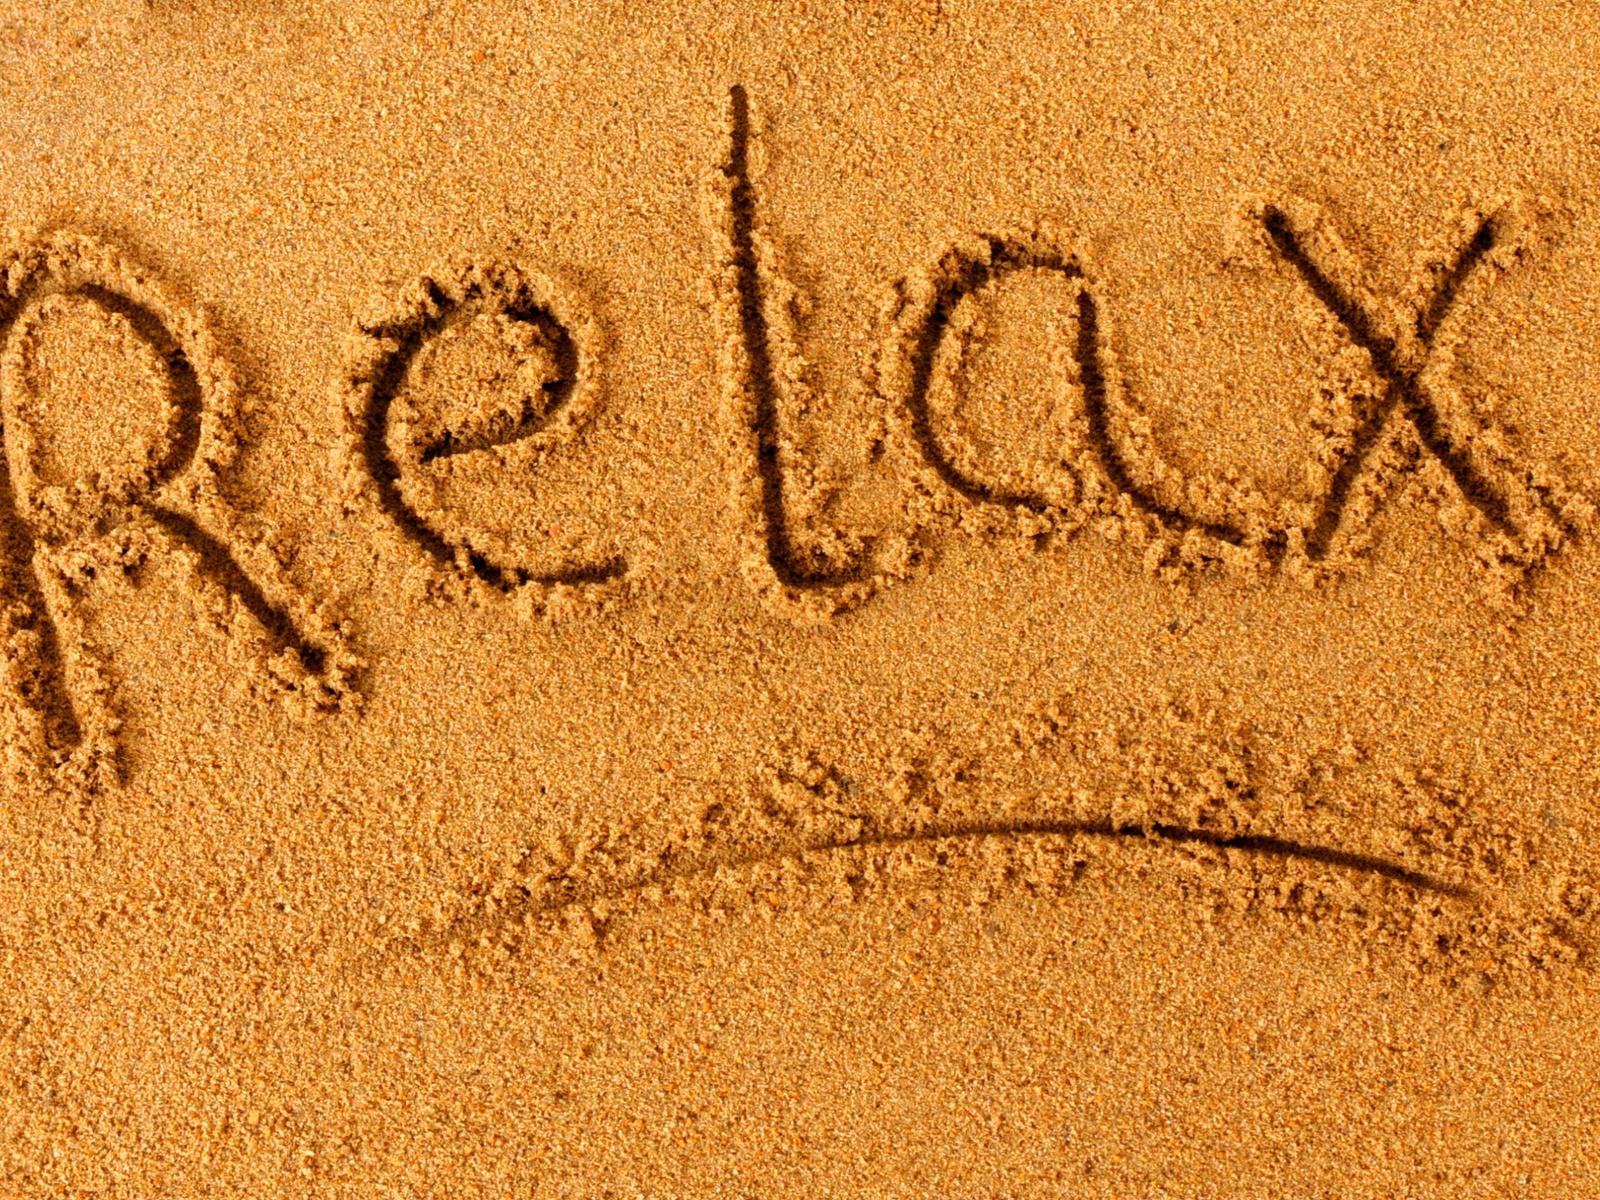 позитив, пляж, песок